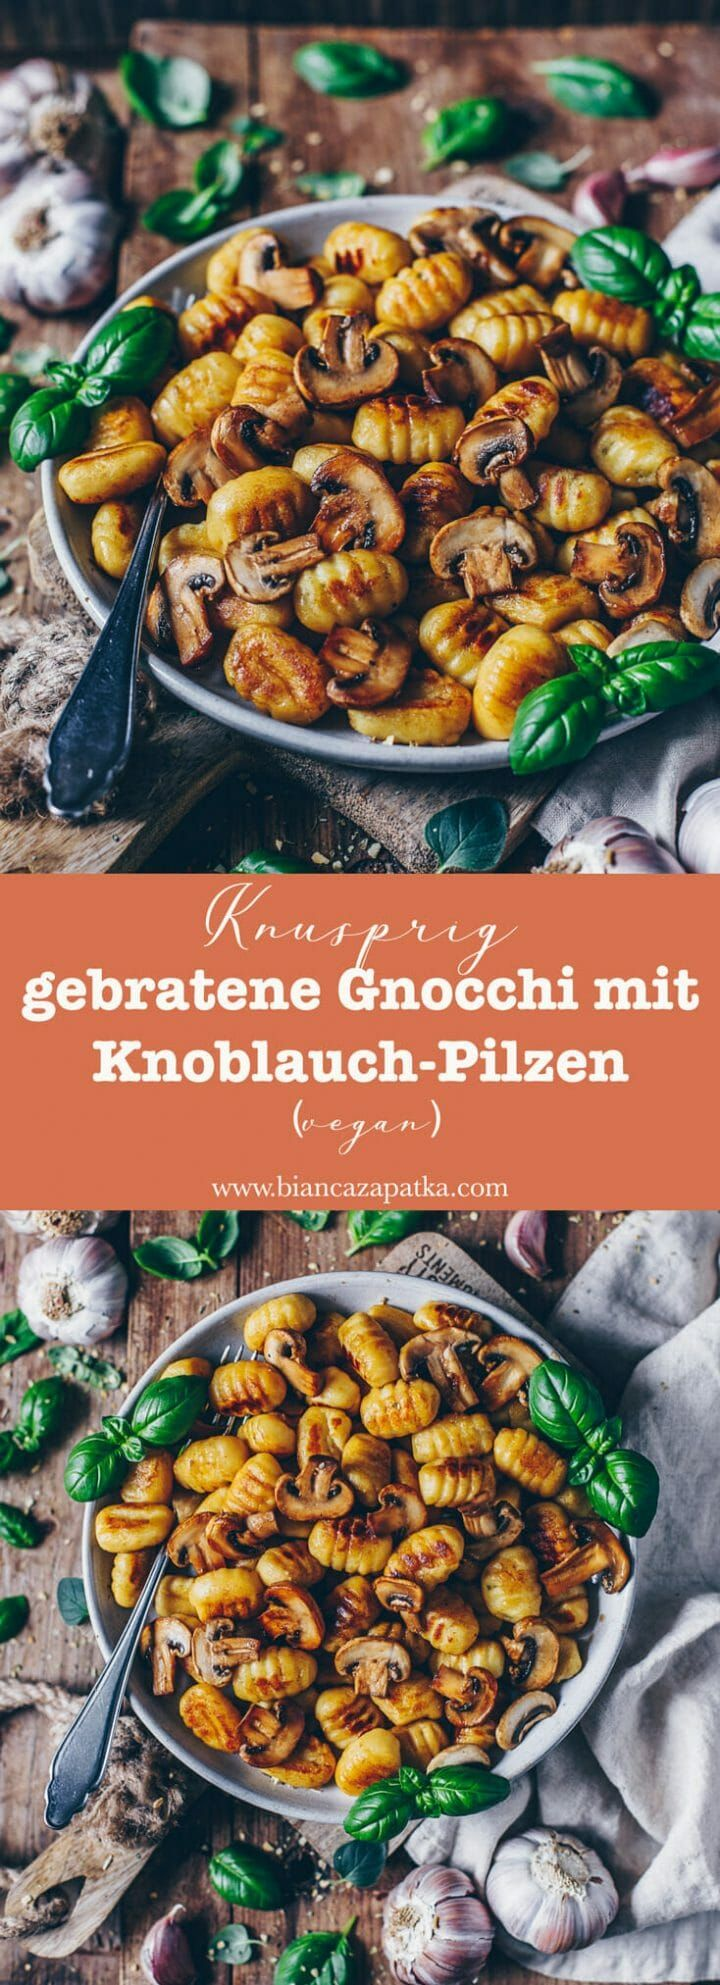 Knusprig gebratene Gnocchi mit Knoblauch-Pilzen (vegan) #veganerezeptemittag